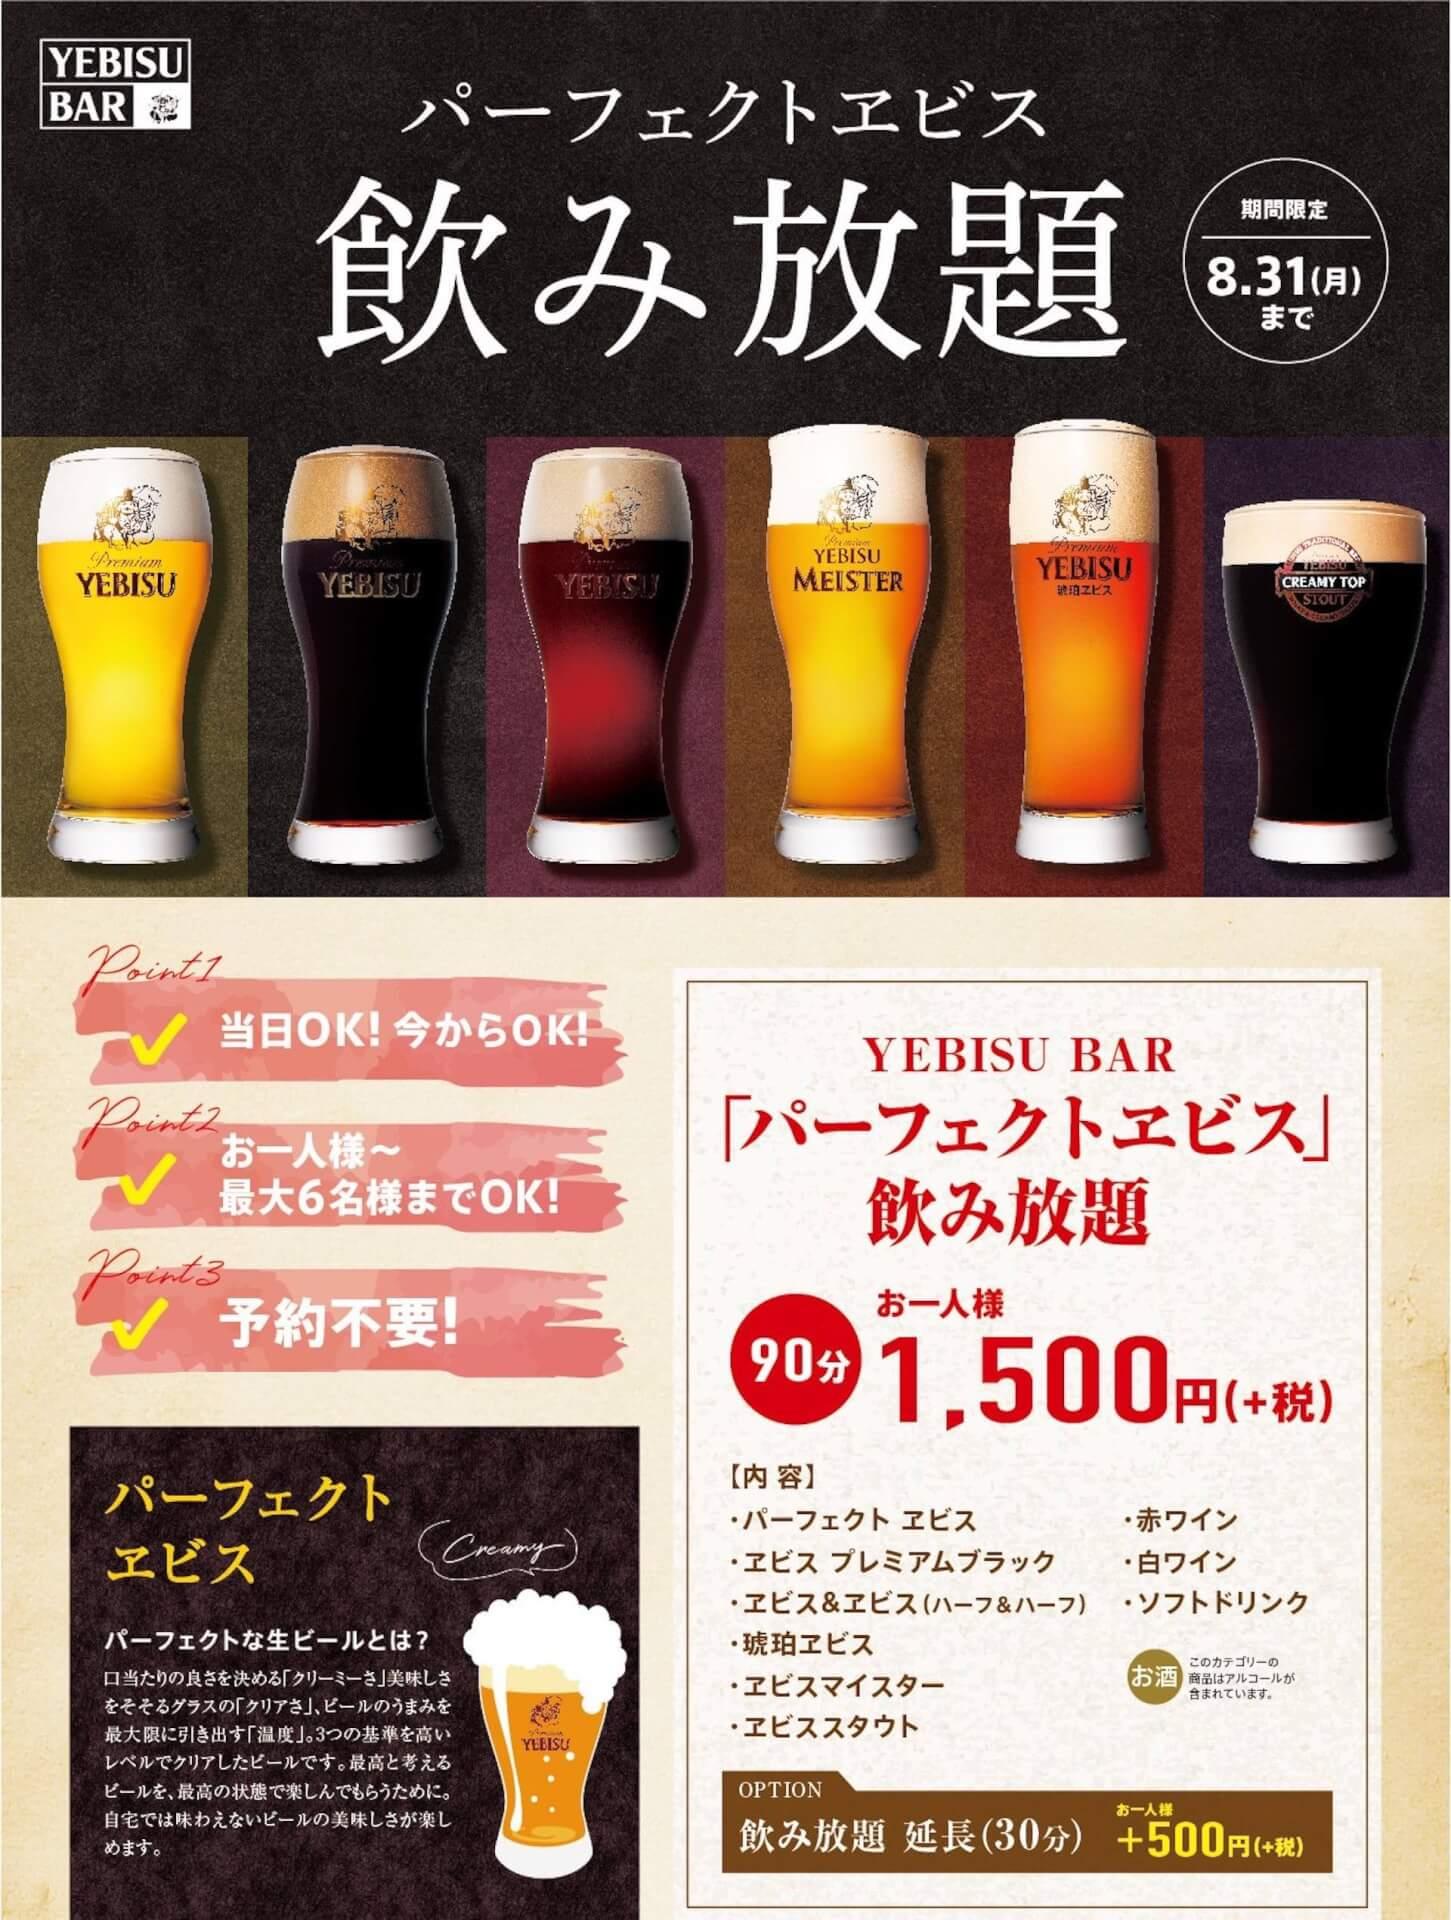 こだわりの一度注ぎ生ビールを堪能しよう!銀座ライオンとYEBISU BARで生ビールの飲み放題が期間限定で実施 gourmet200720_beer_ginza_yebisu_02